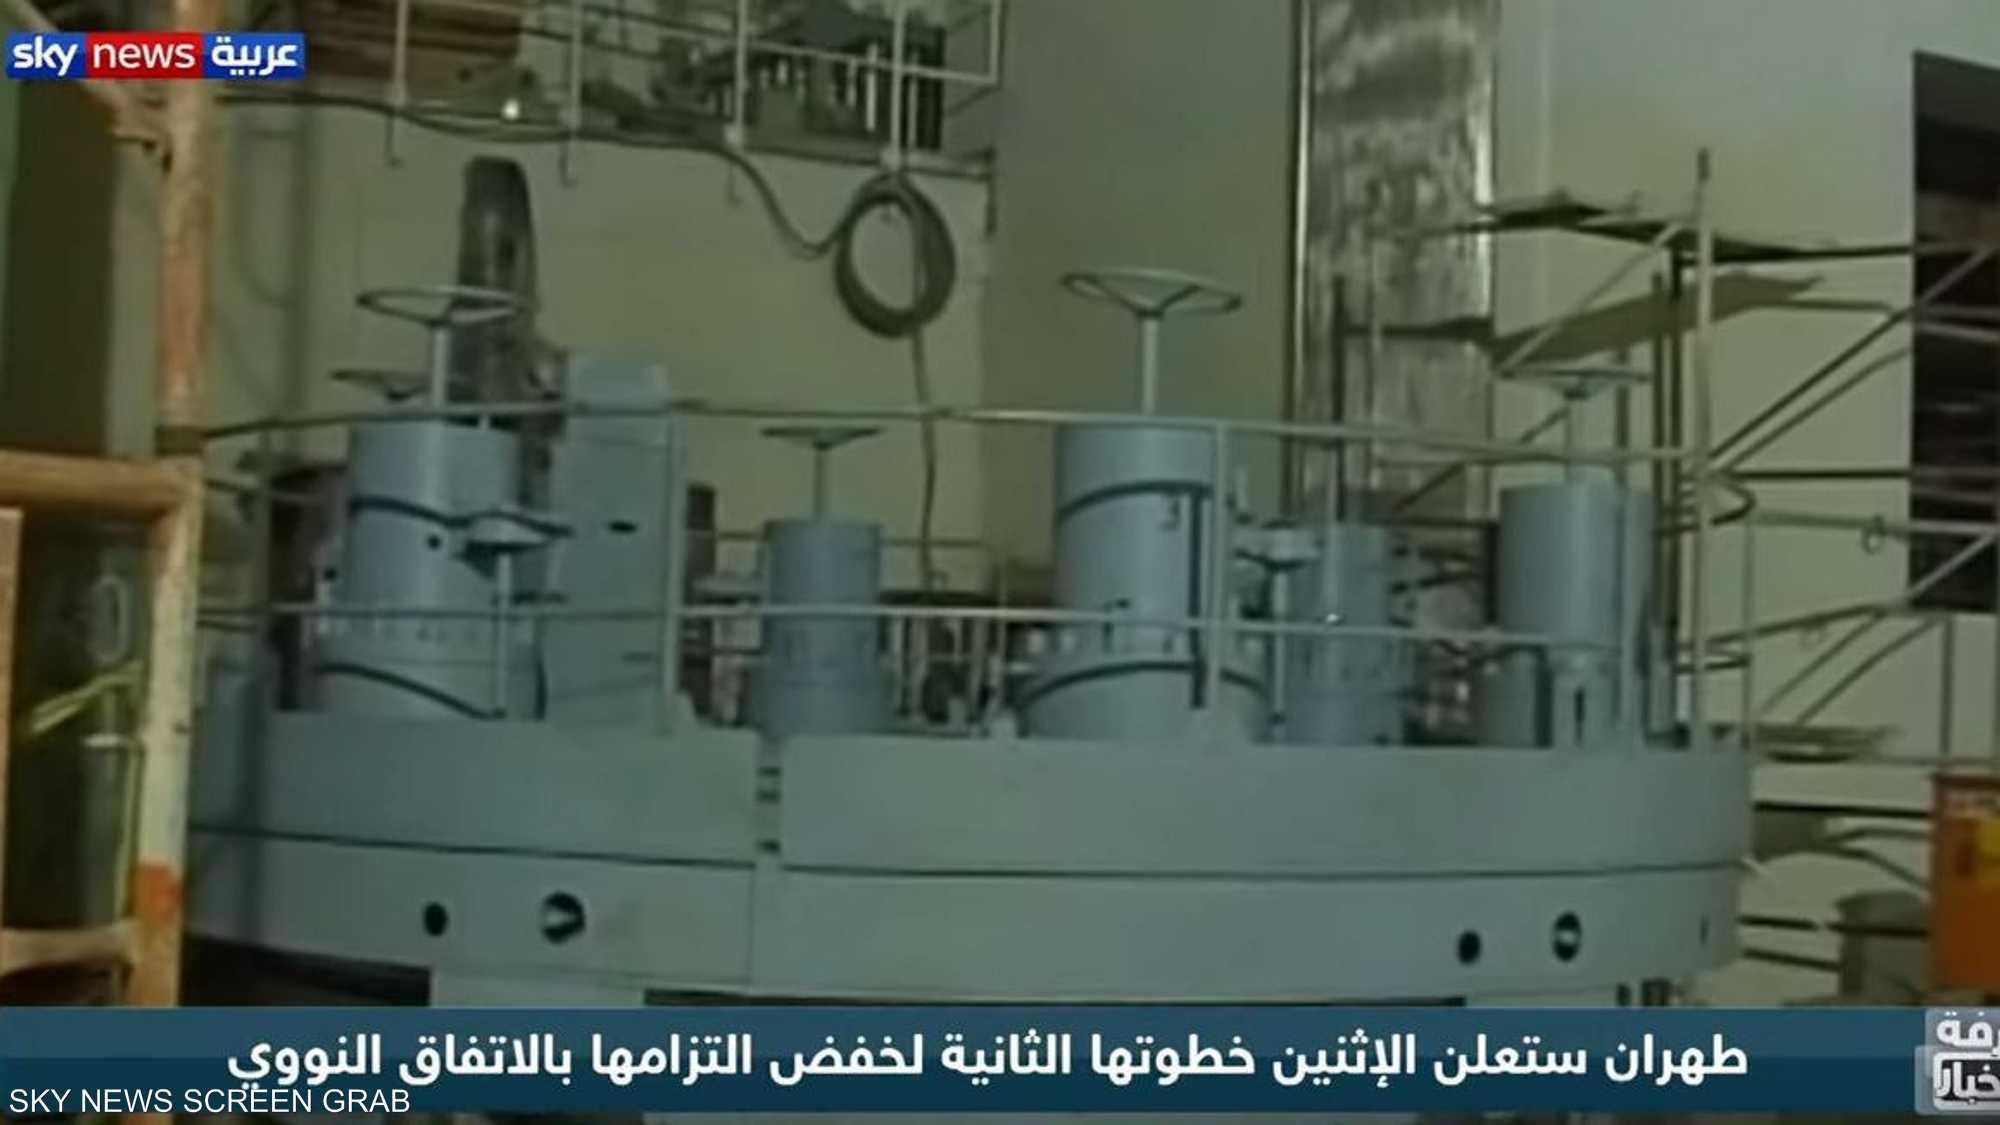 إيران والتهديد بالتخلي عن التزامات جديدة في الاتفاق النووي